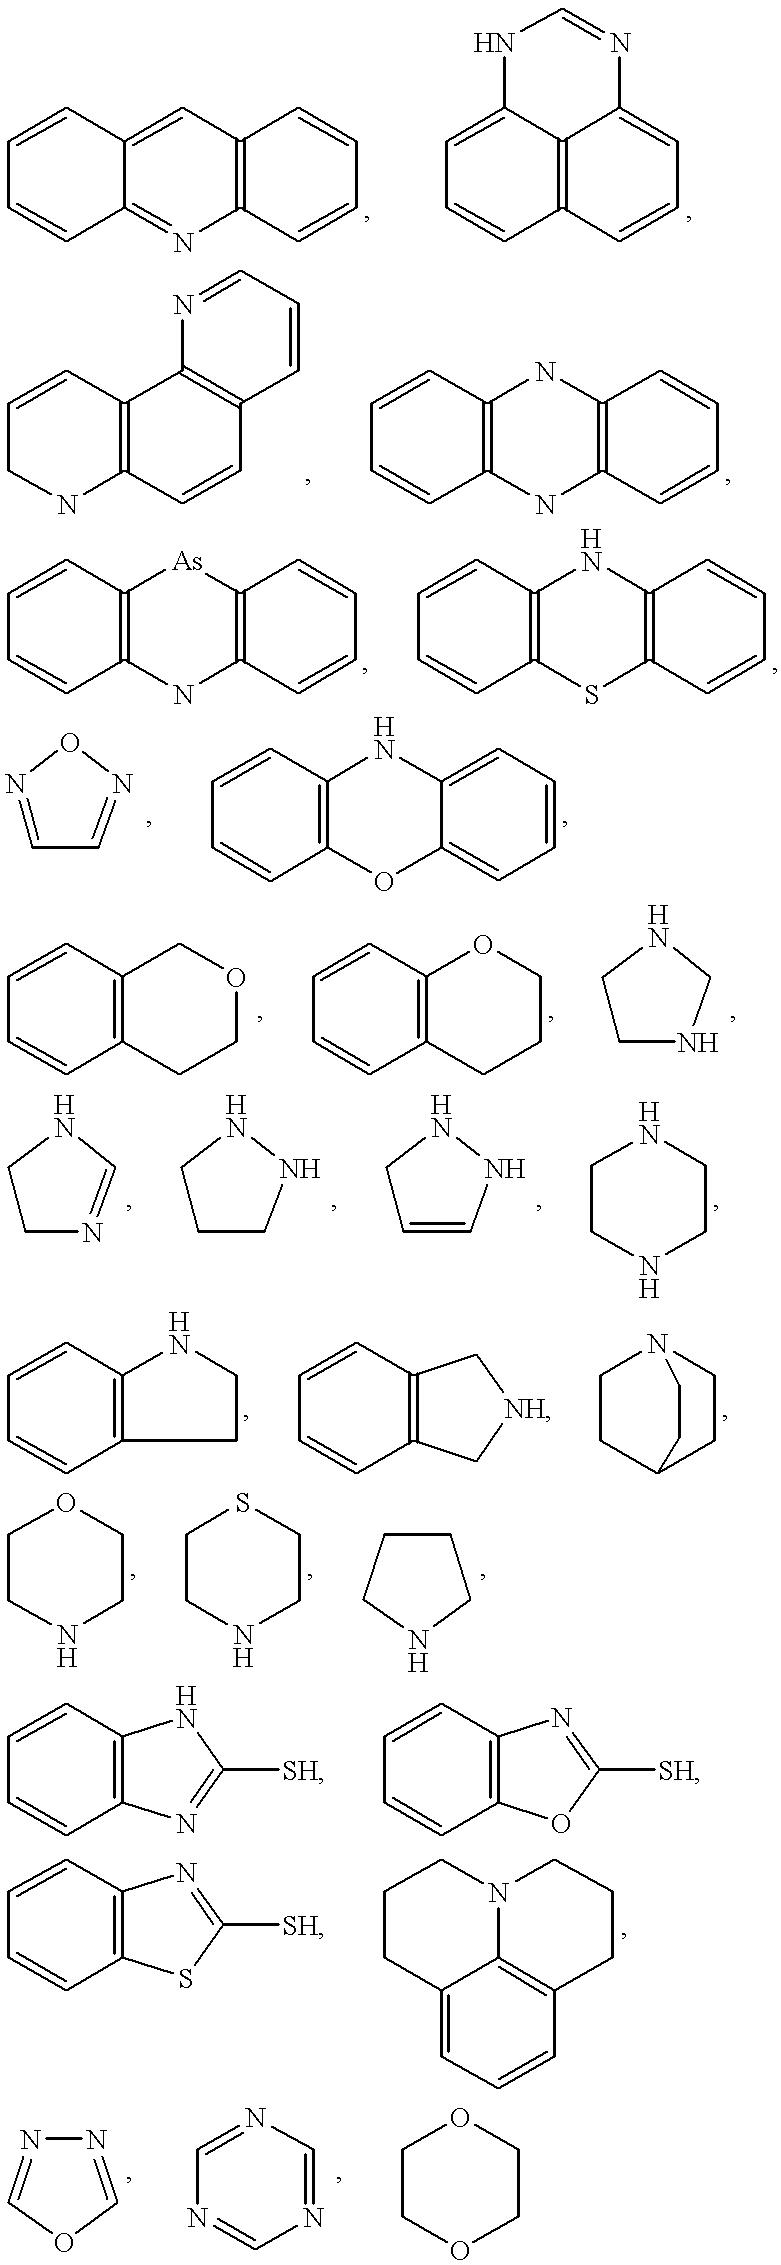 Figure US06686126-20040203-C00005